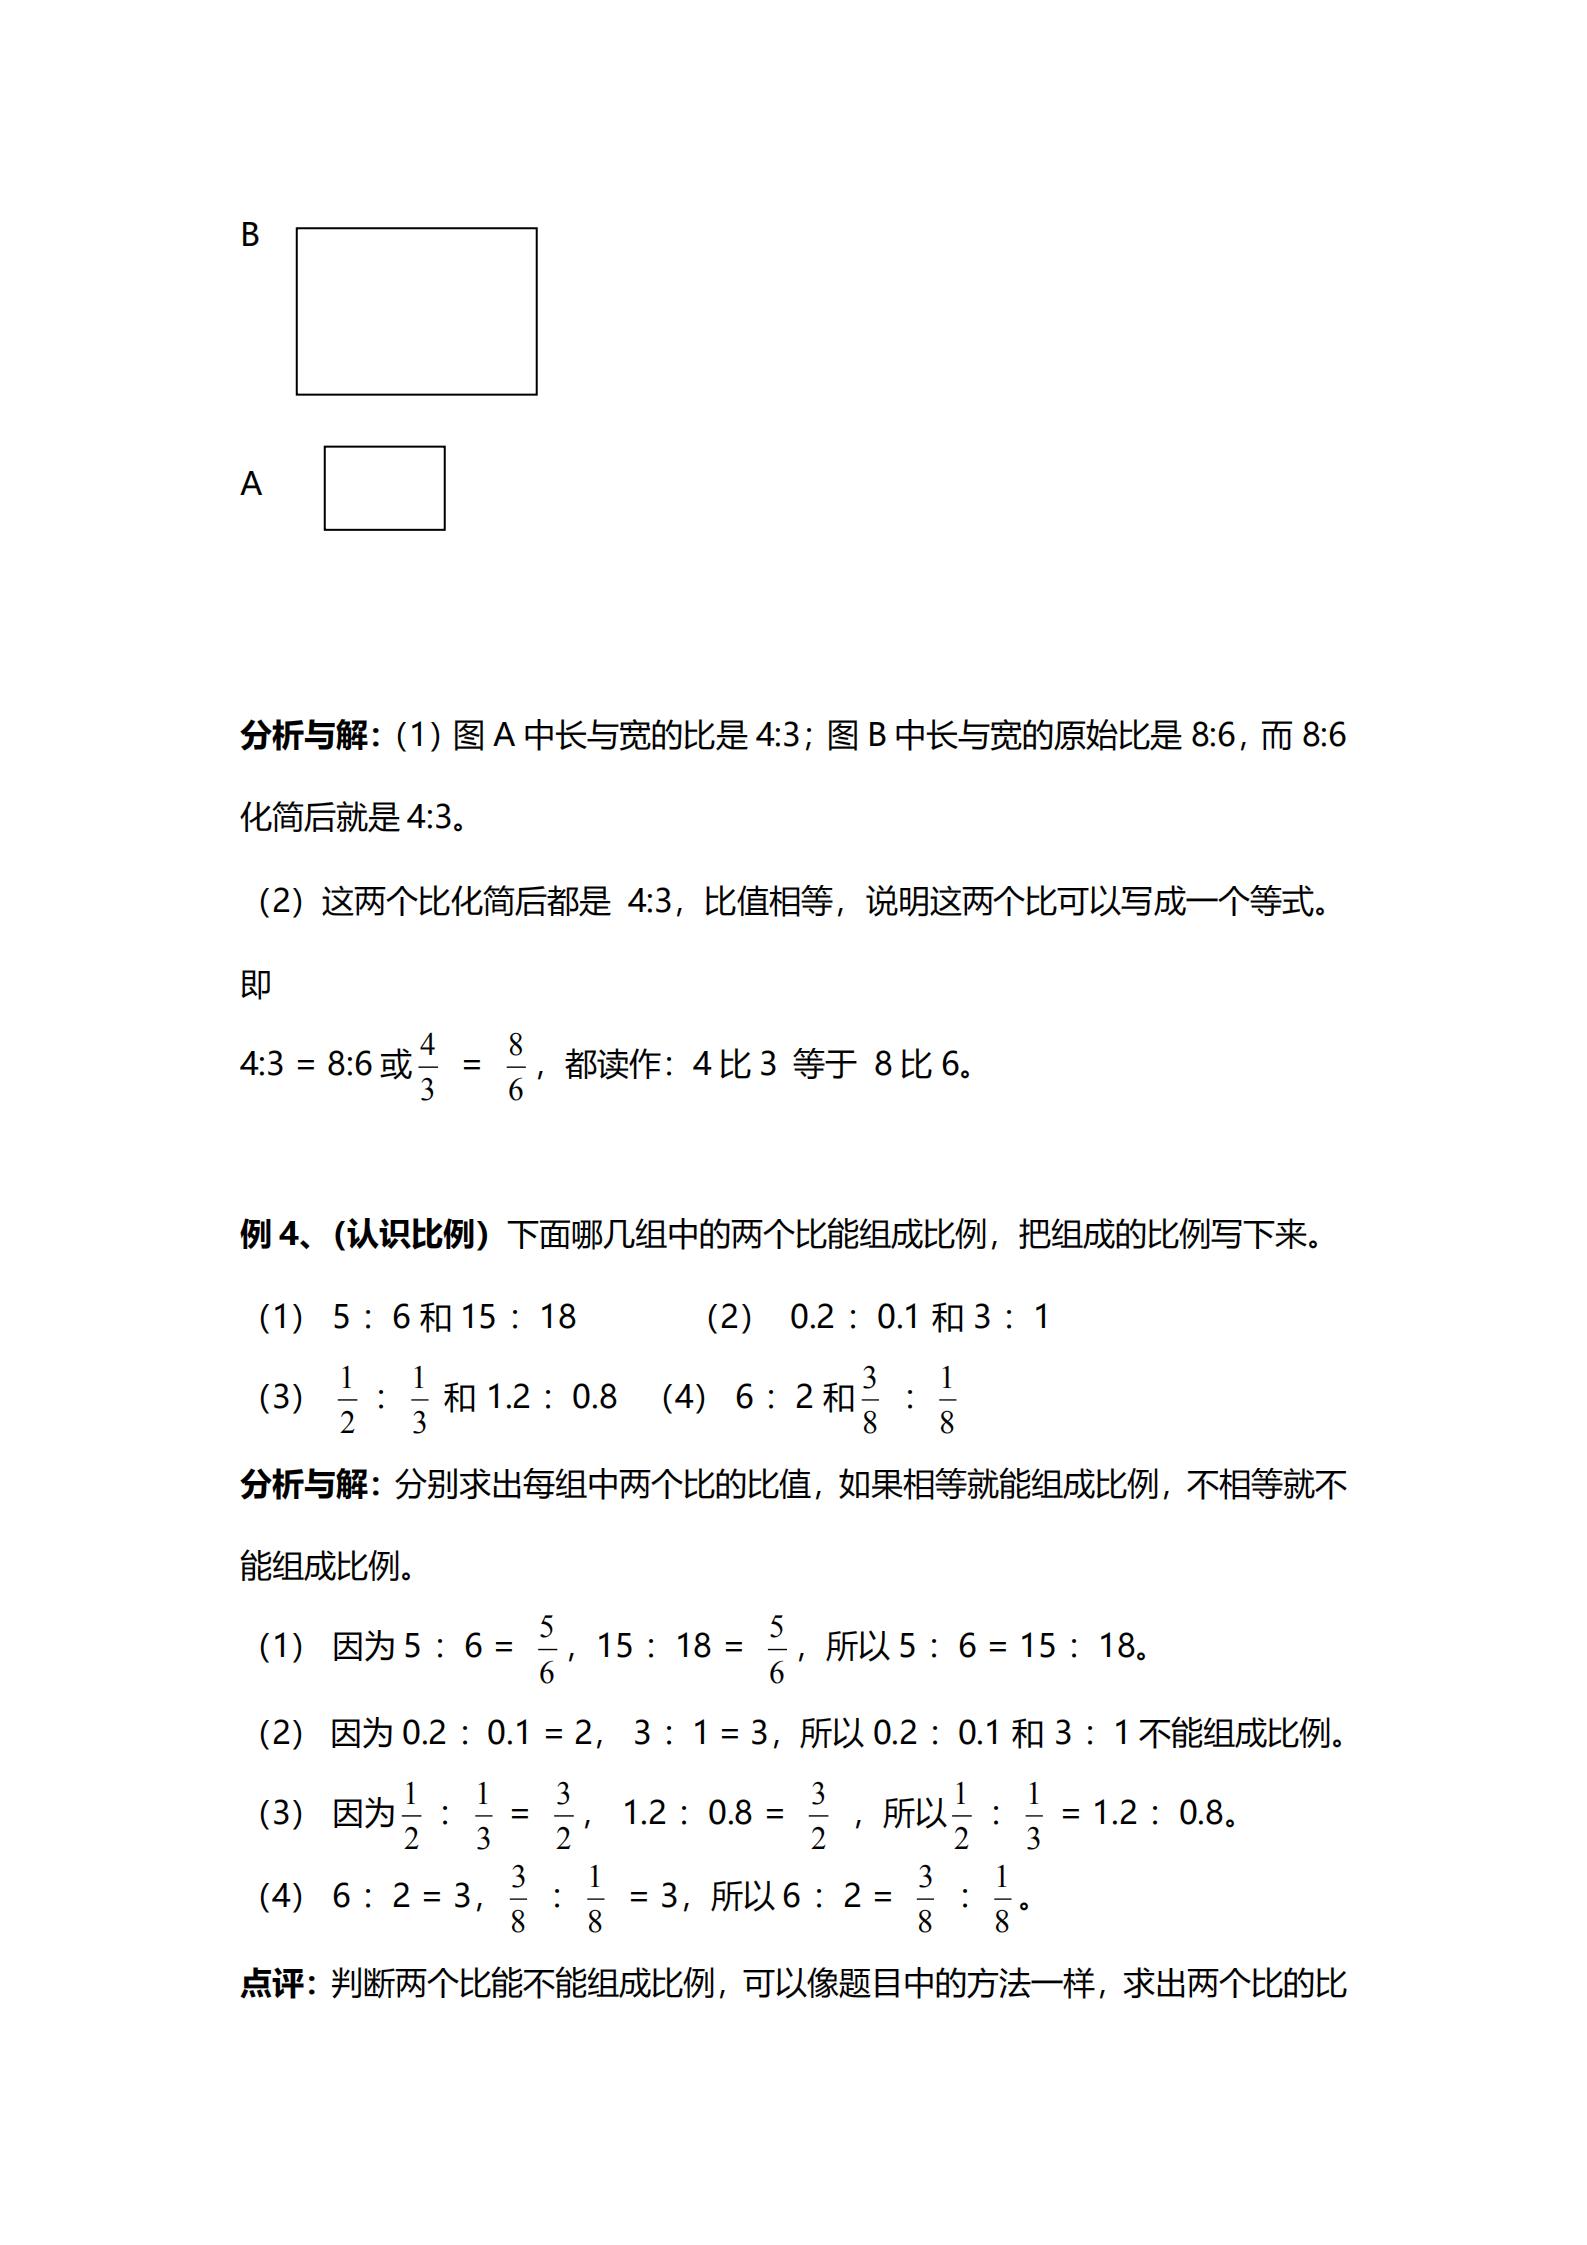 【数学】高频考点-四大专题知识点精选题_17.png